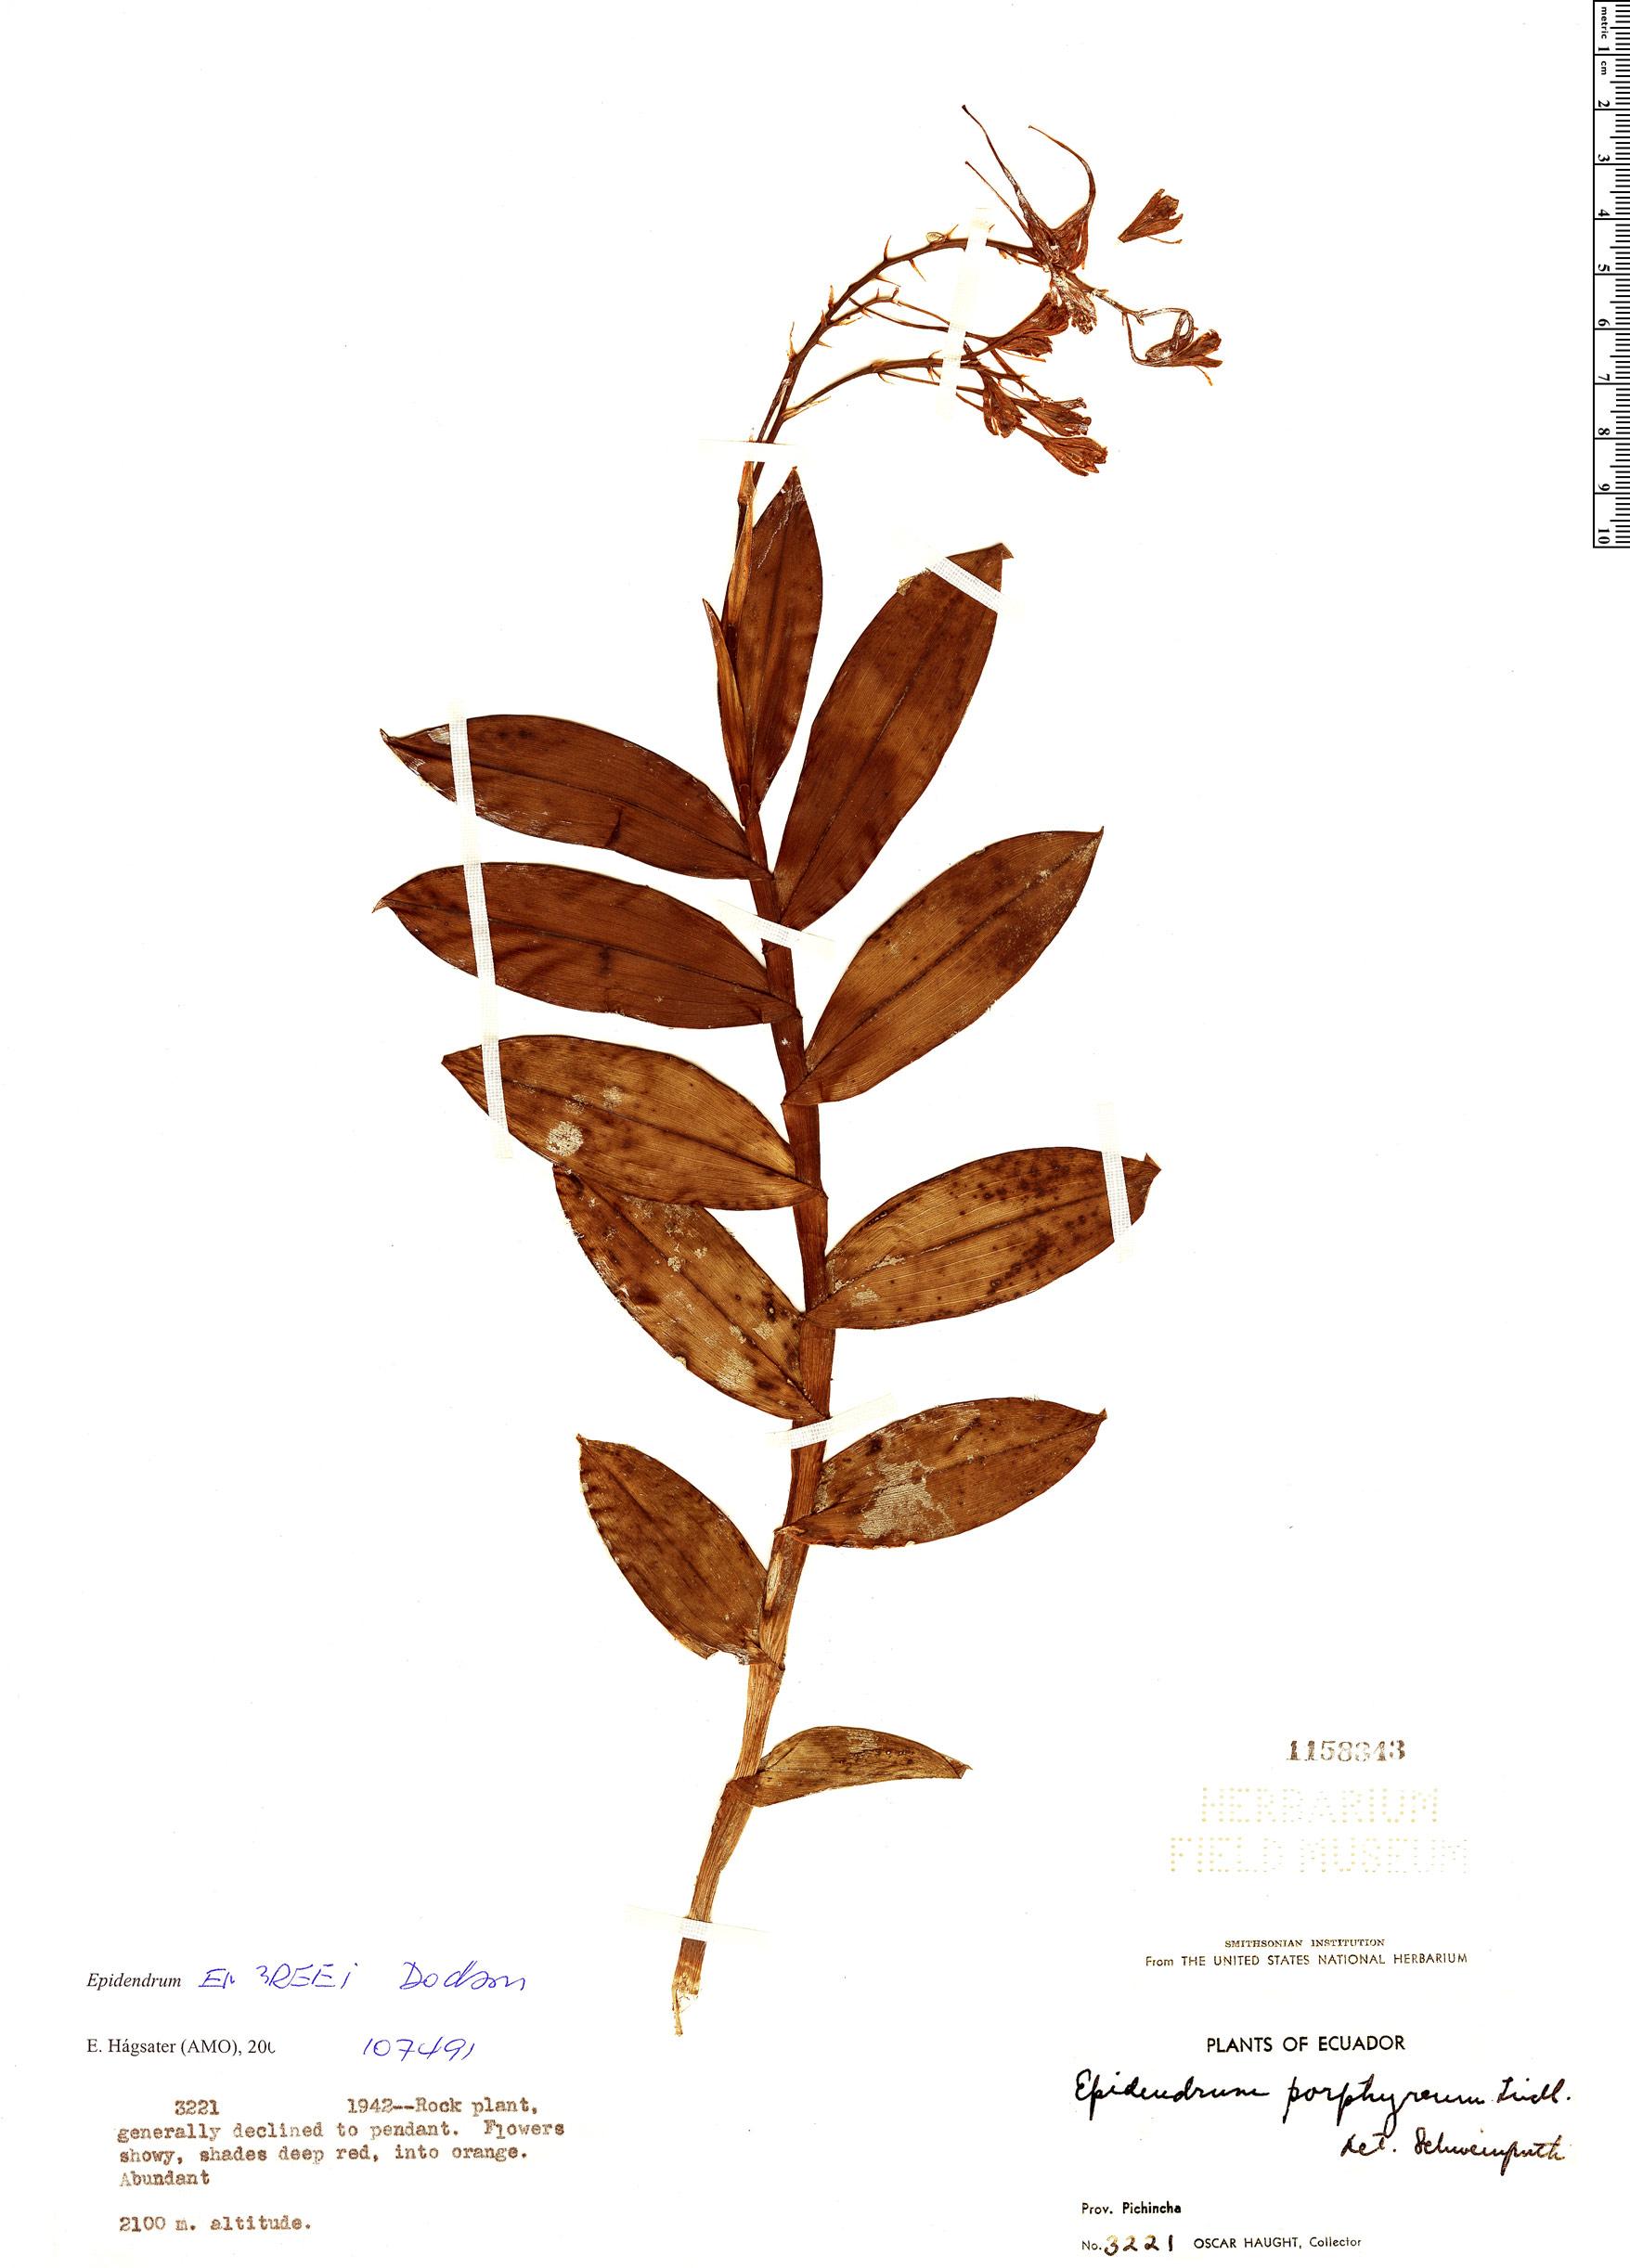 Specimen: Epidendrum embreei